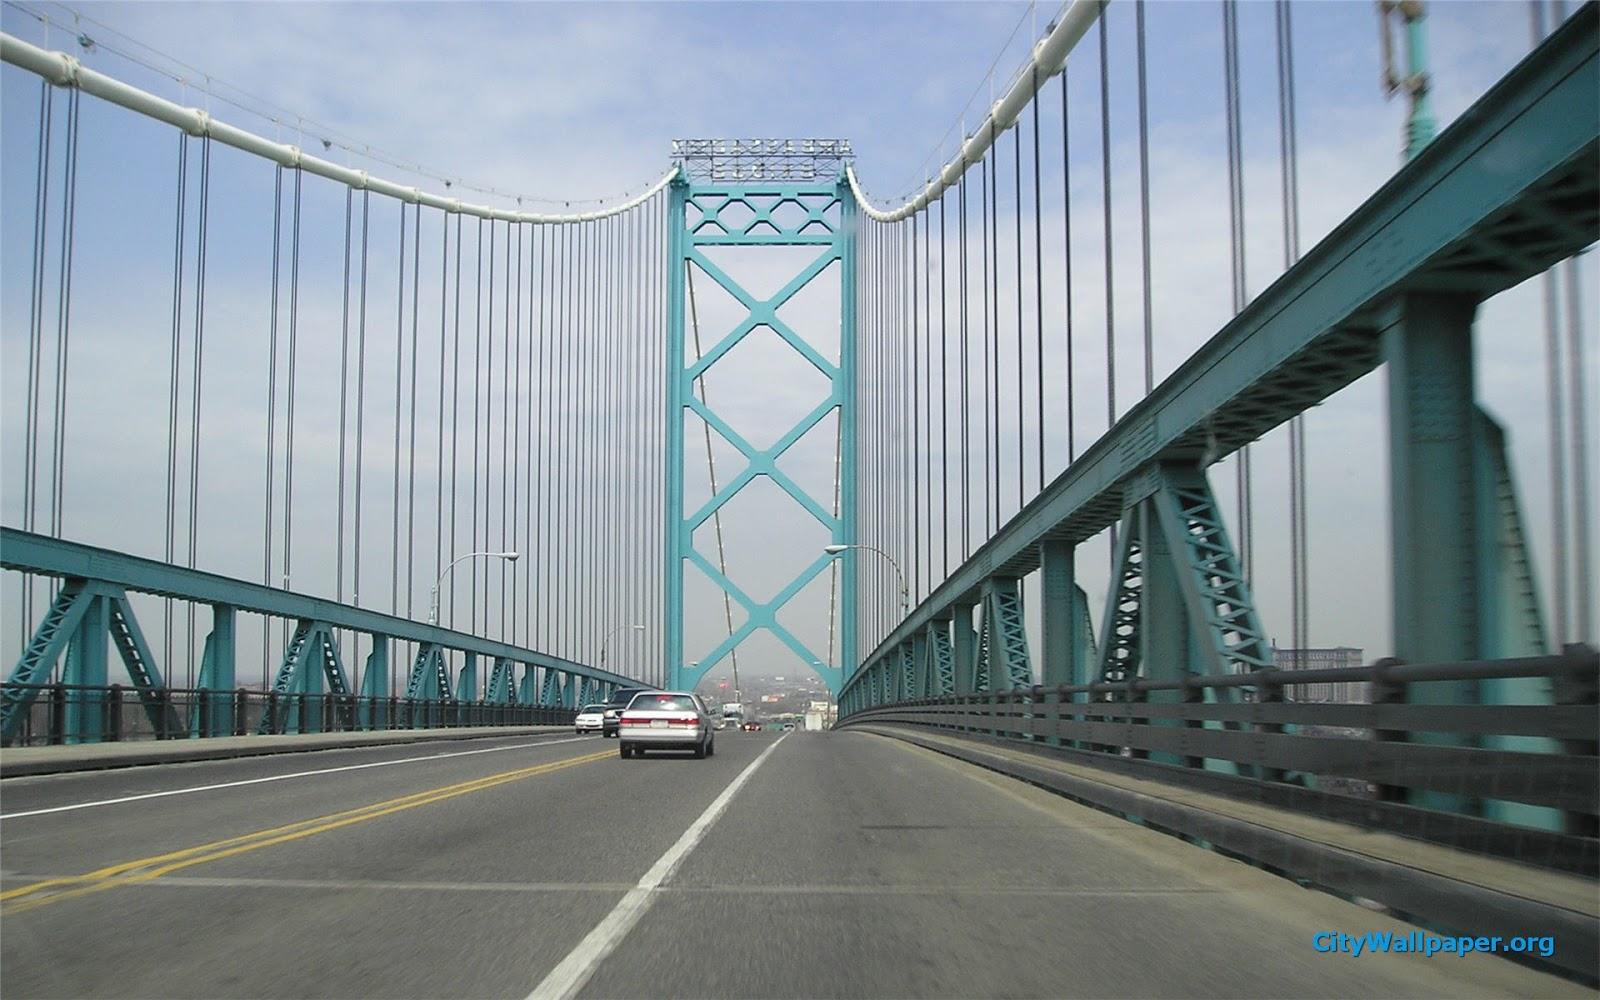 http://1.bp.blogspot.com/-l6-wlBu5vn8/UI_8dkZ9b_I/AAAAAAAAASg/KReEKfeT3p0/s1600/On-Ambassador-Bridge-Detroit-City-Wallpaper-1920x1200.jpg